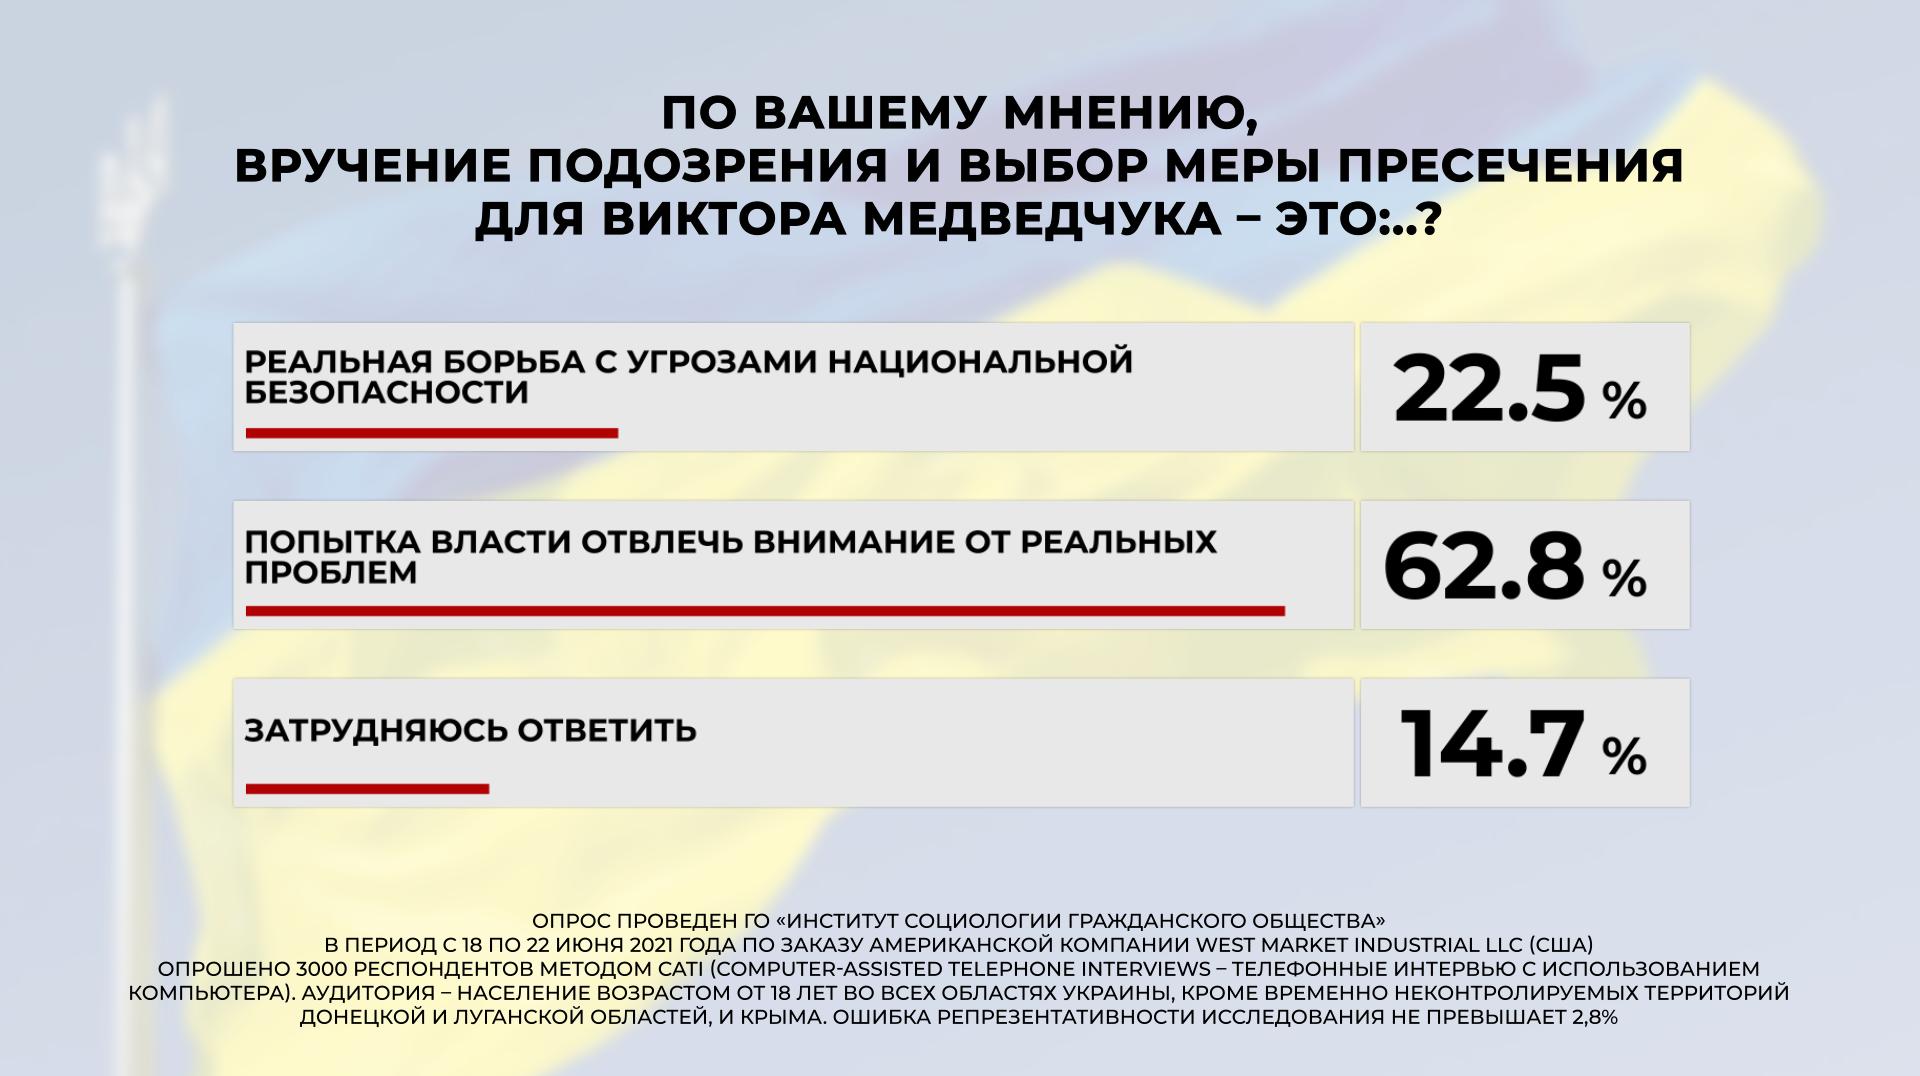 Суд над Медведчуком более 60% украинцев считают манипуляцией власти — опрос - фото 2